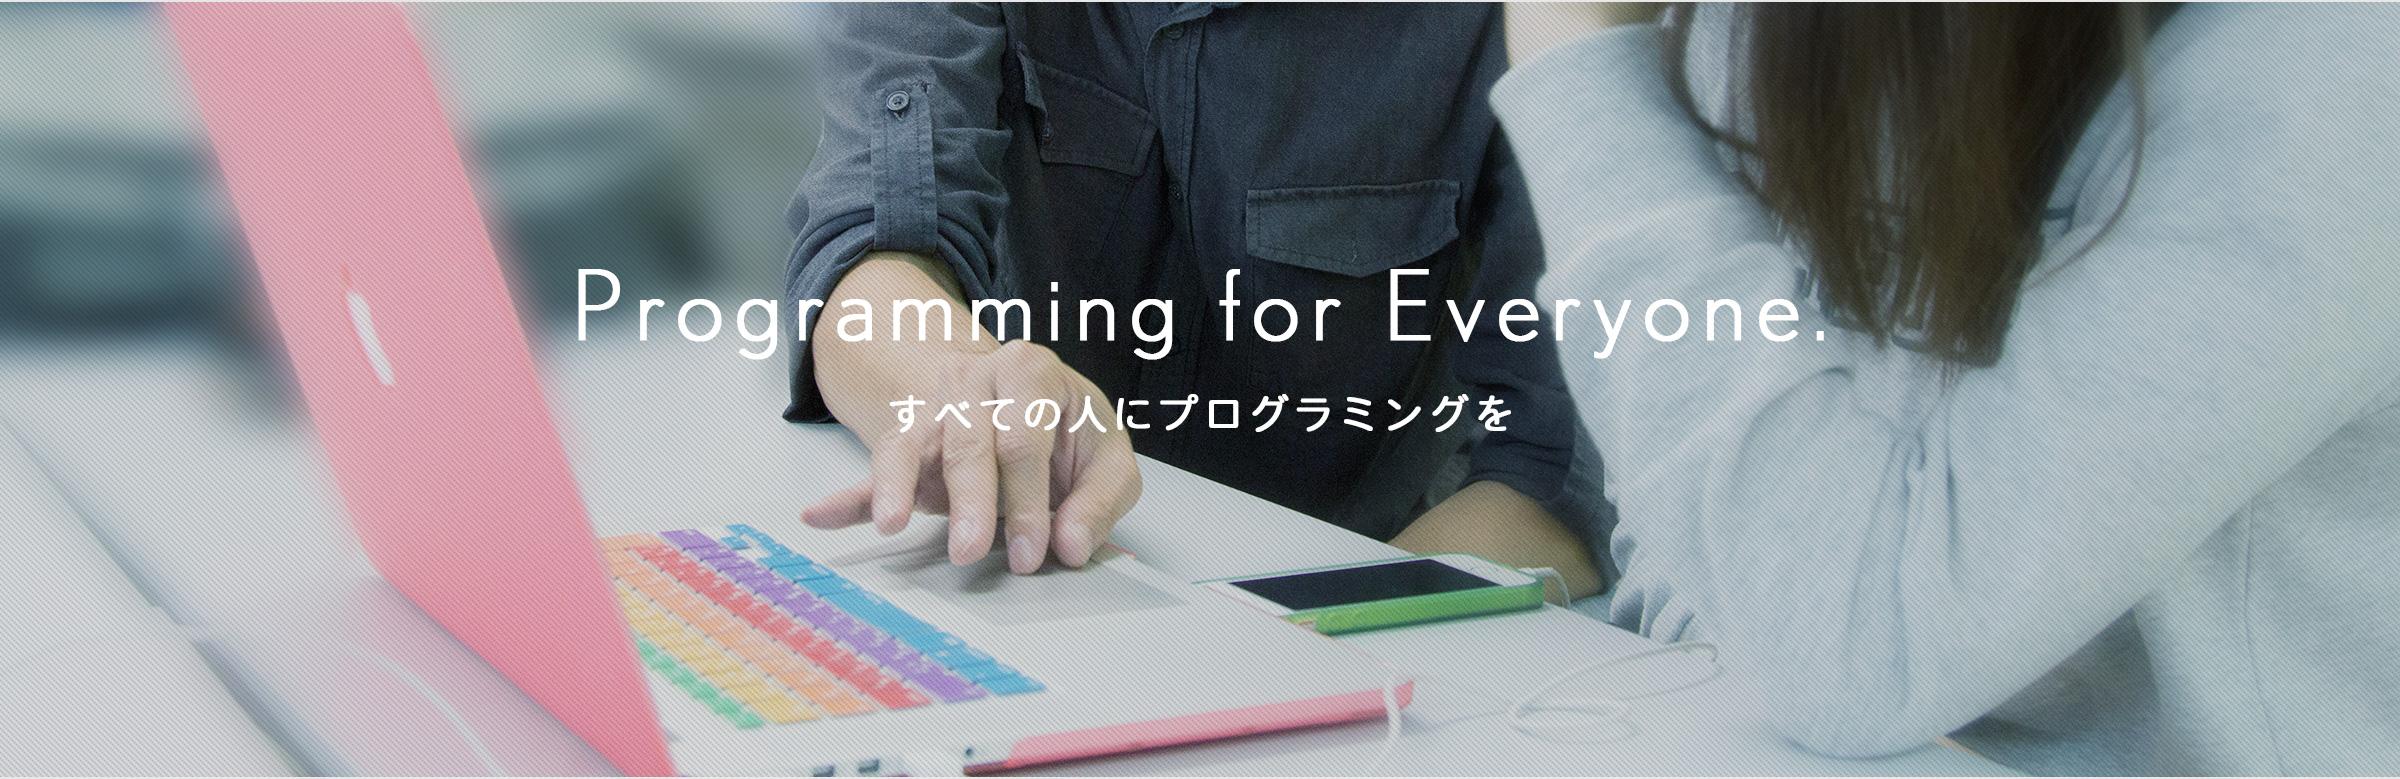 Programming for Everyone. すべての人にプログラミングを